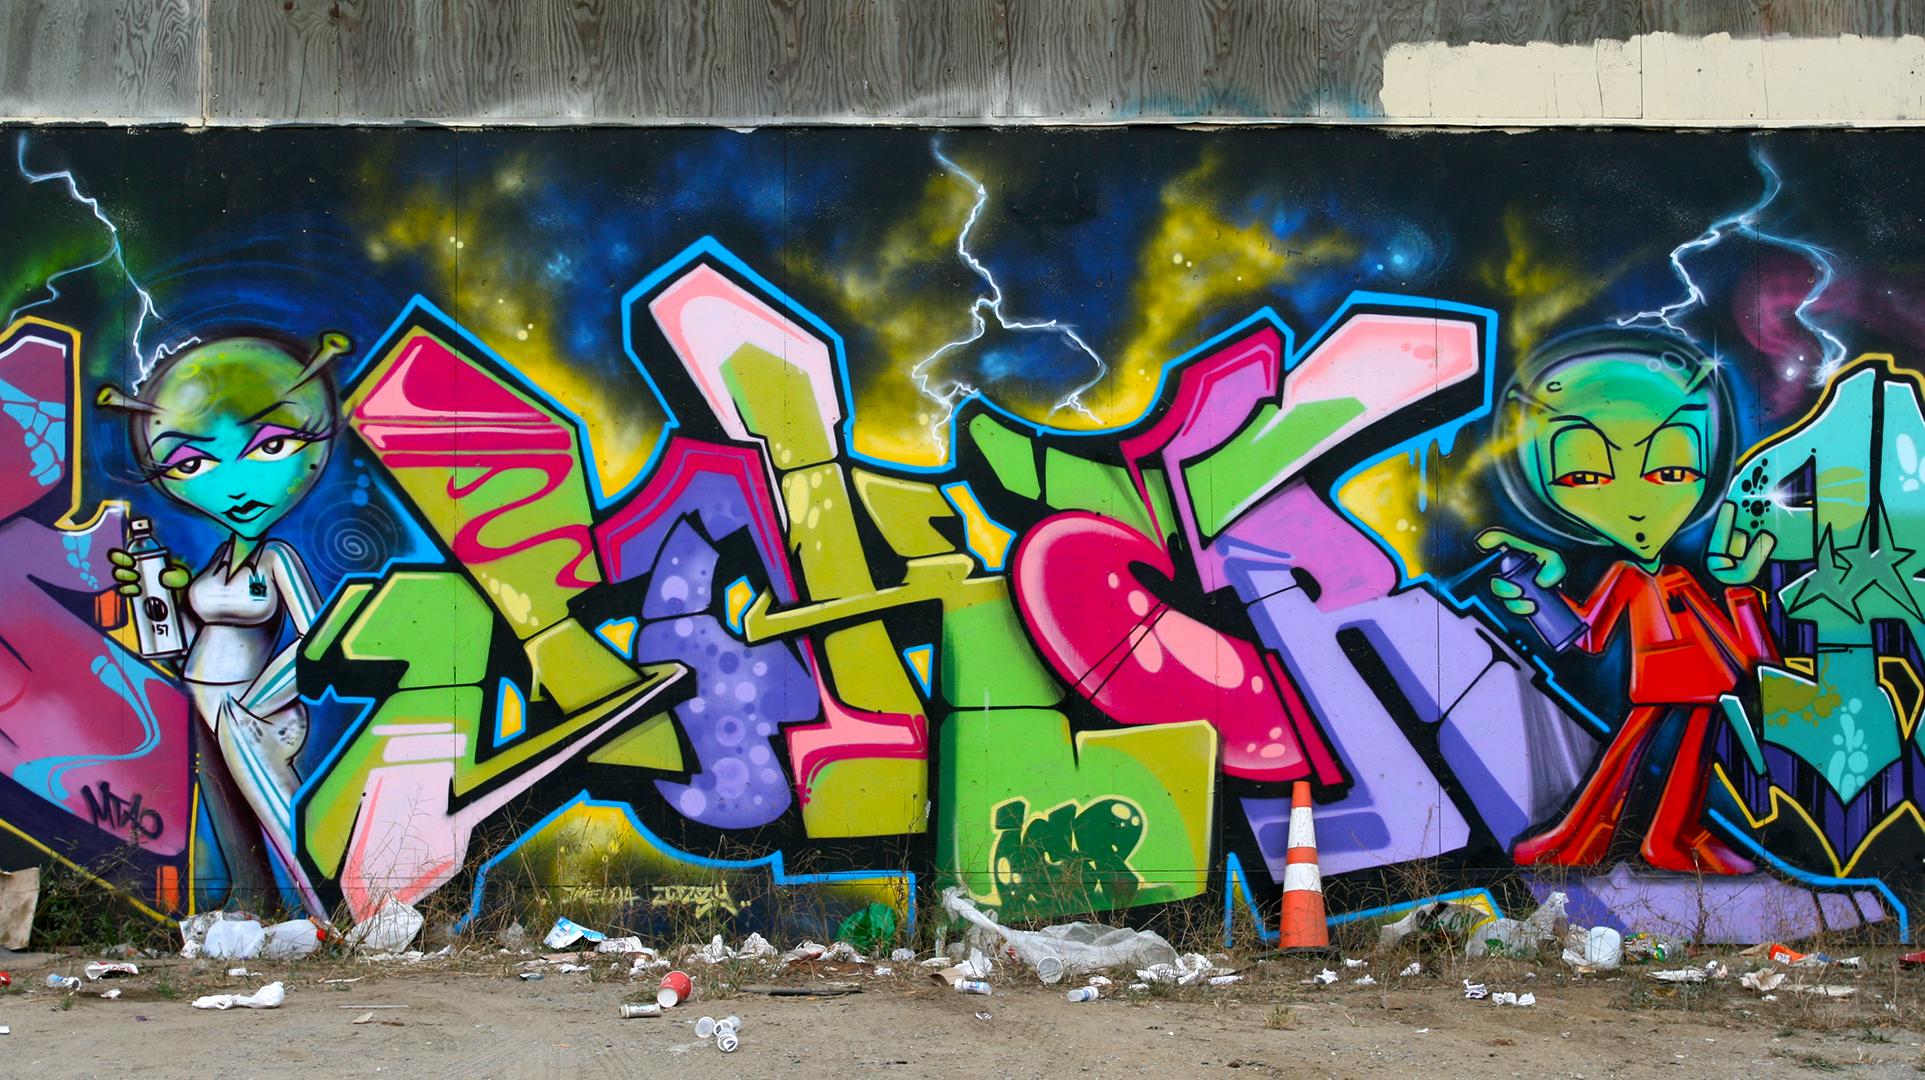 Painting Joker California Graffiti Street Art Mural ART Area Sanfrancisco King157 Characters Icp Visual Arts